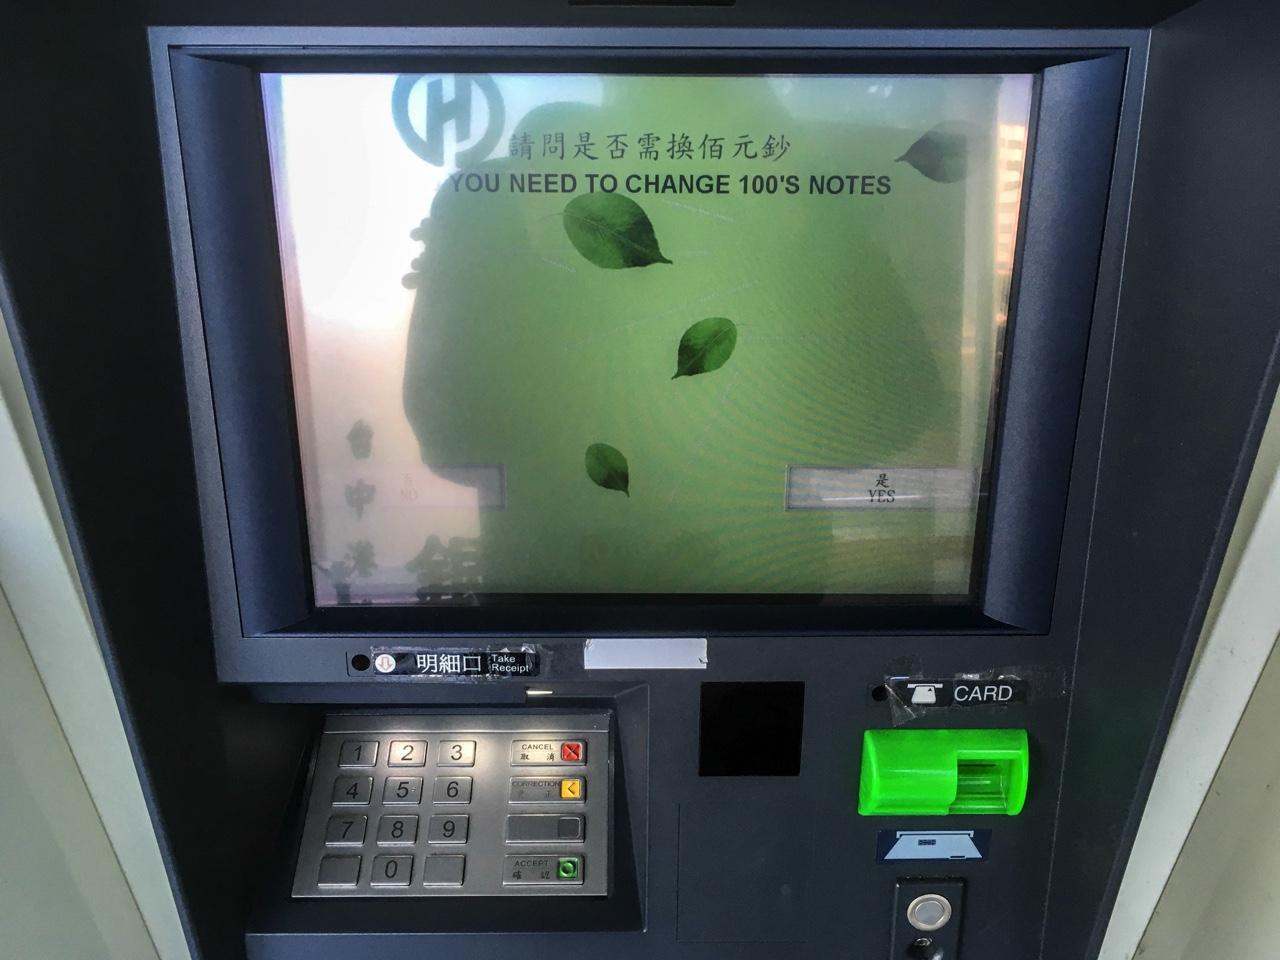 クレジットカード排出